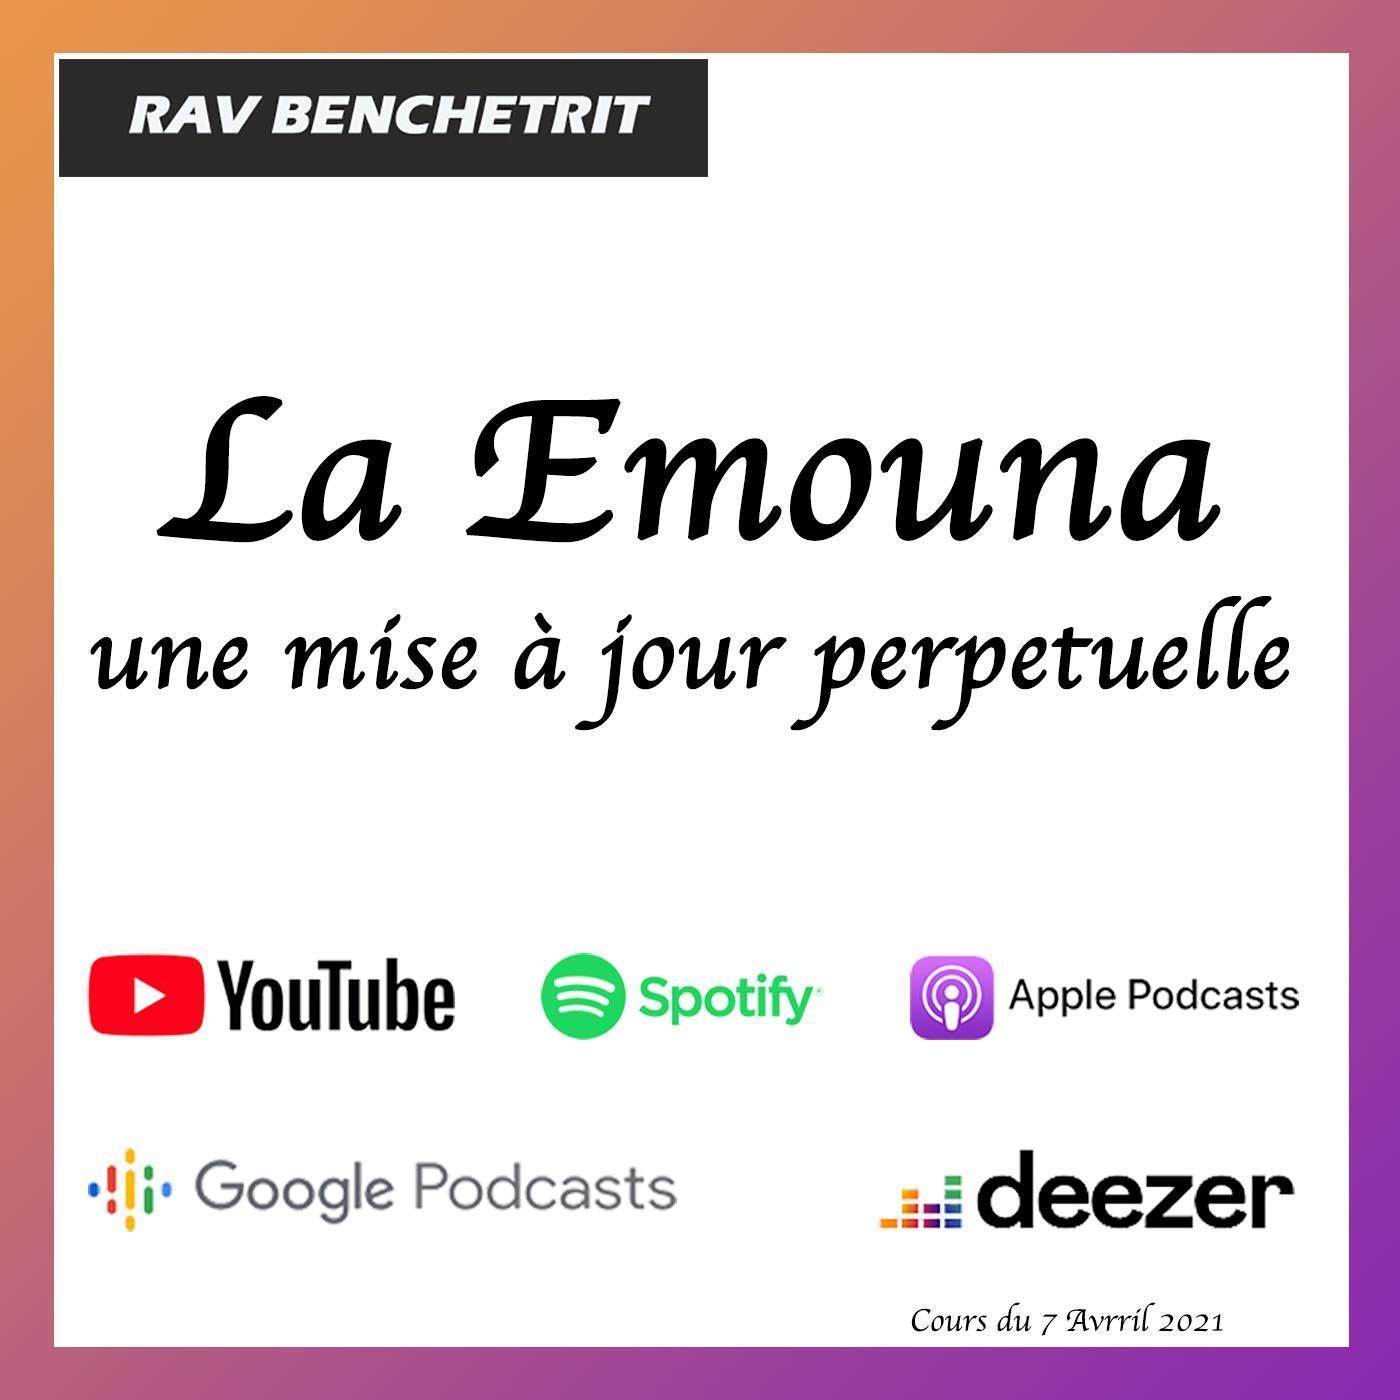 La Emouna, une mise à jour perpetuelle